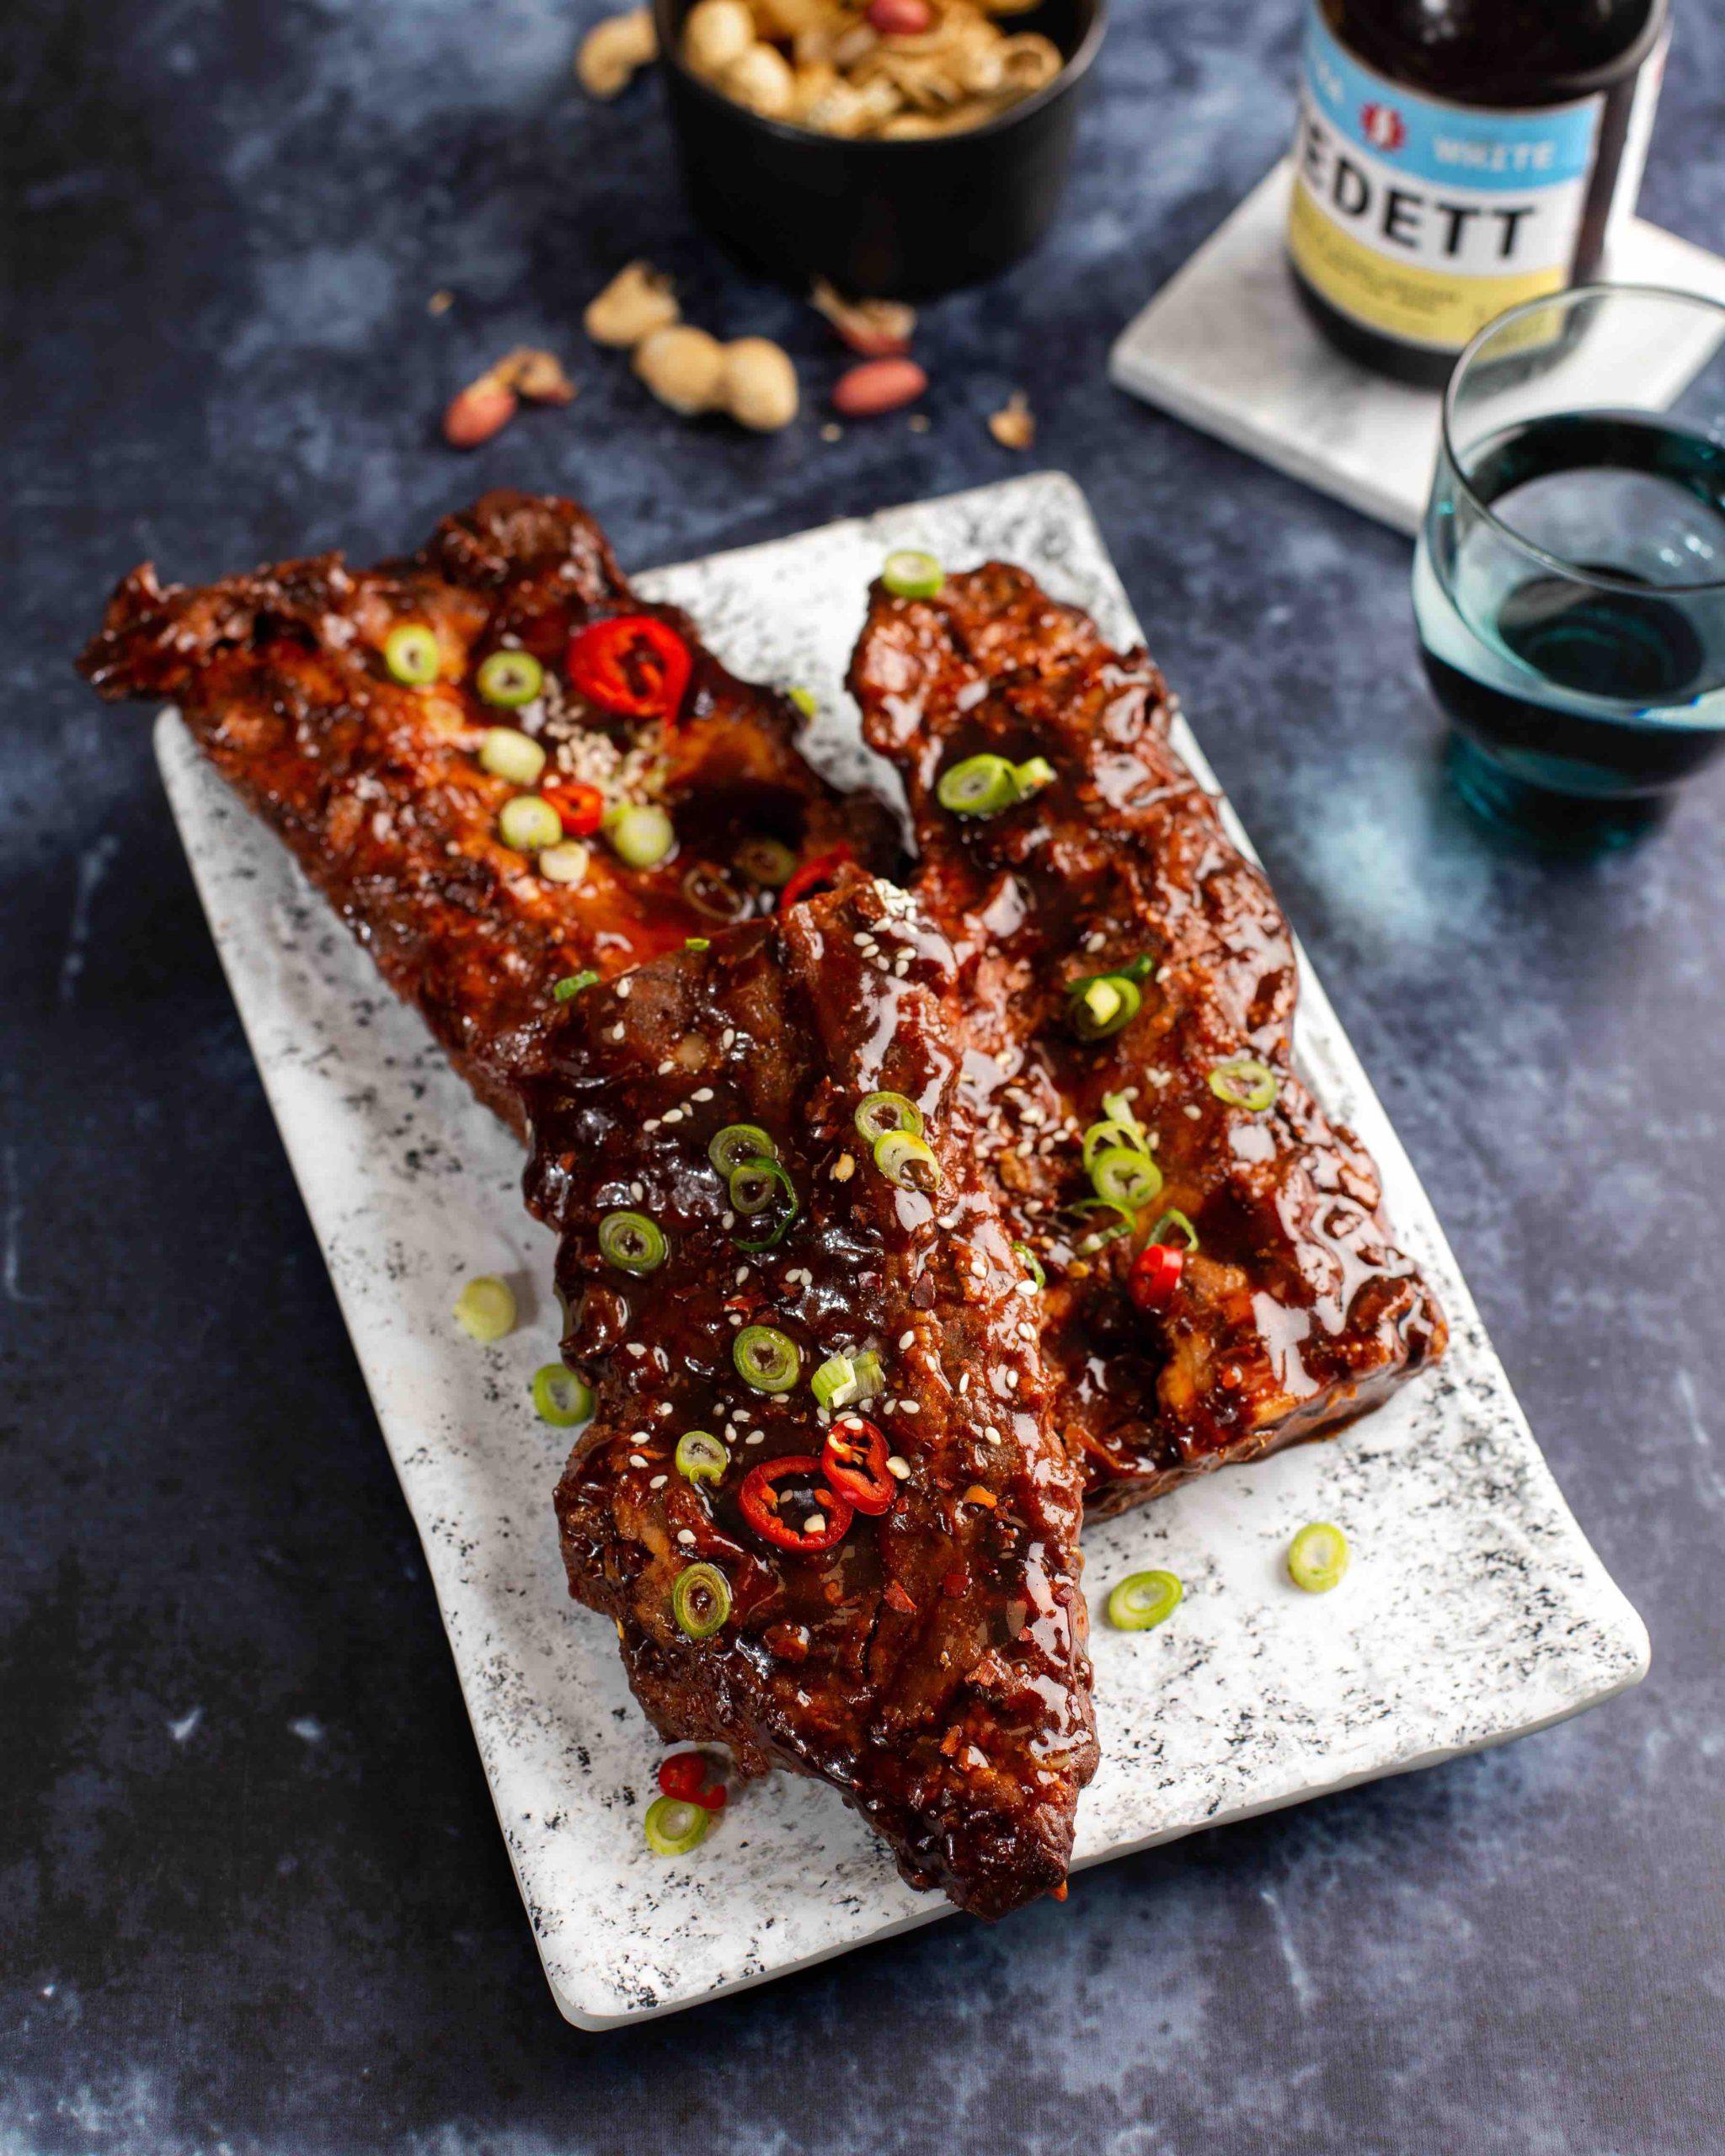 Spare ribs op bord met lente ui, sesamzaad en rode peper